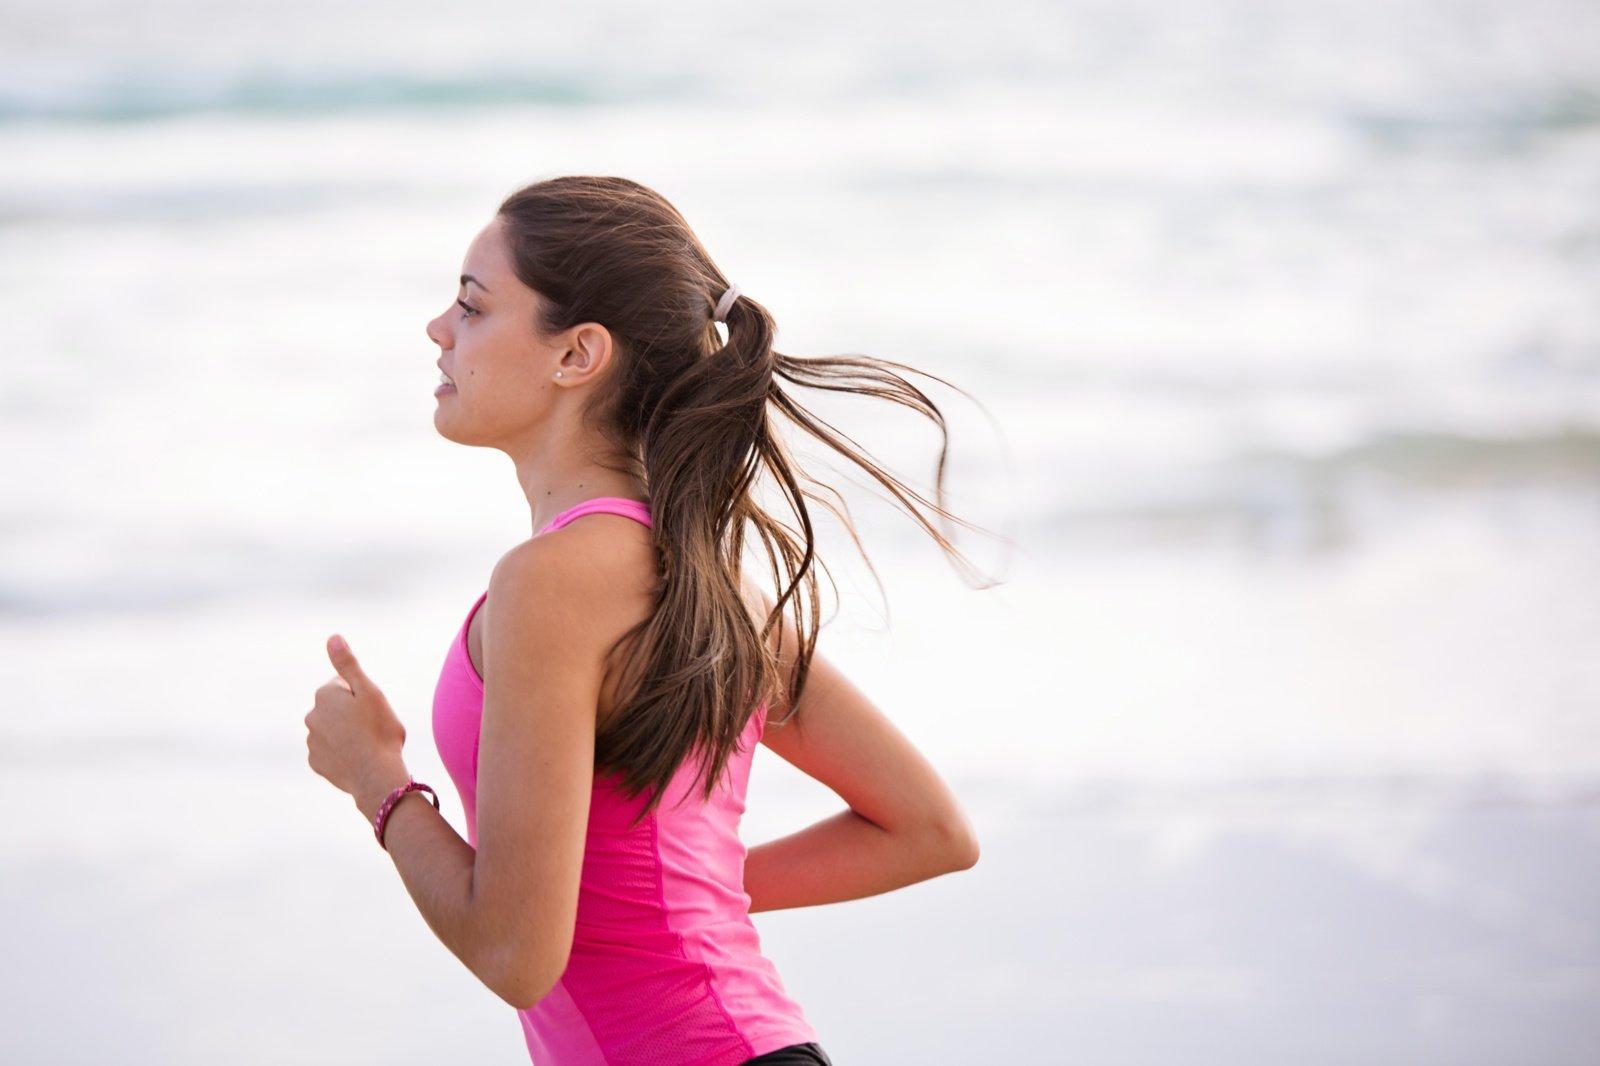 Fizinio aktyvumo intensyvumas: kaip įsivertinti?